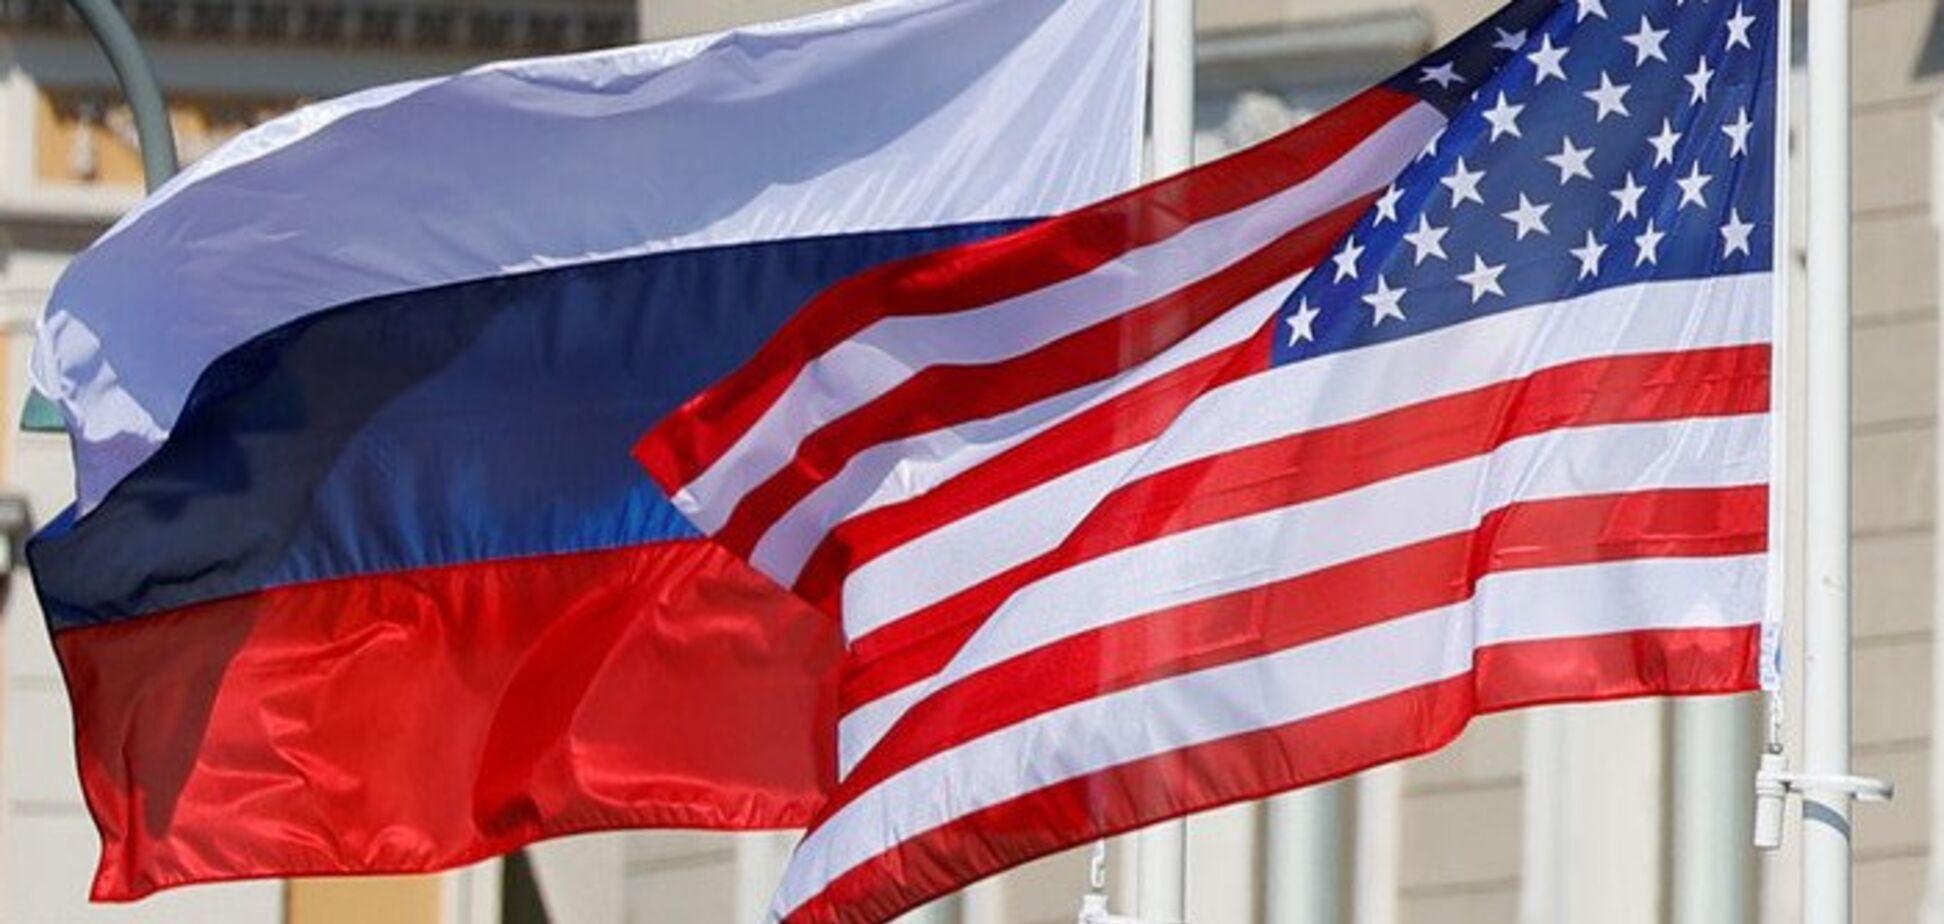 США ударили по России новыми персональными санкциями: кто в списке